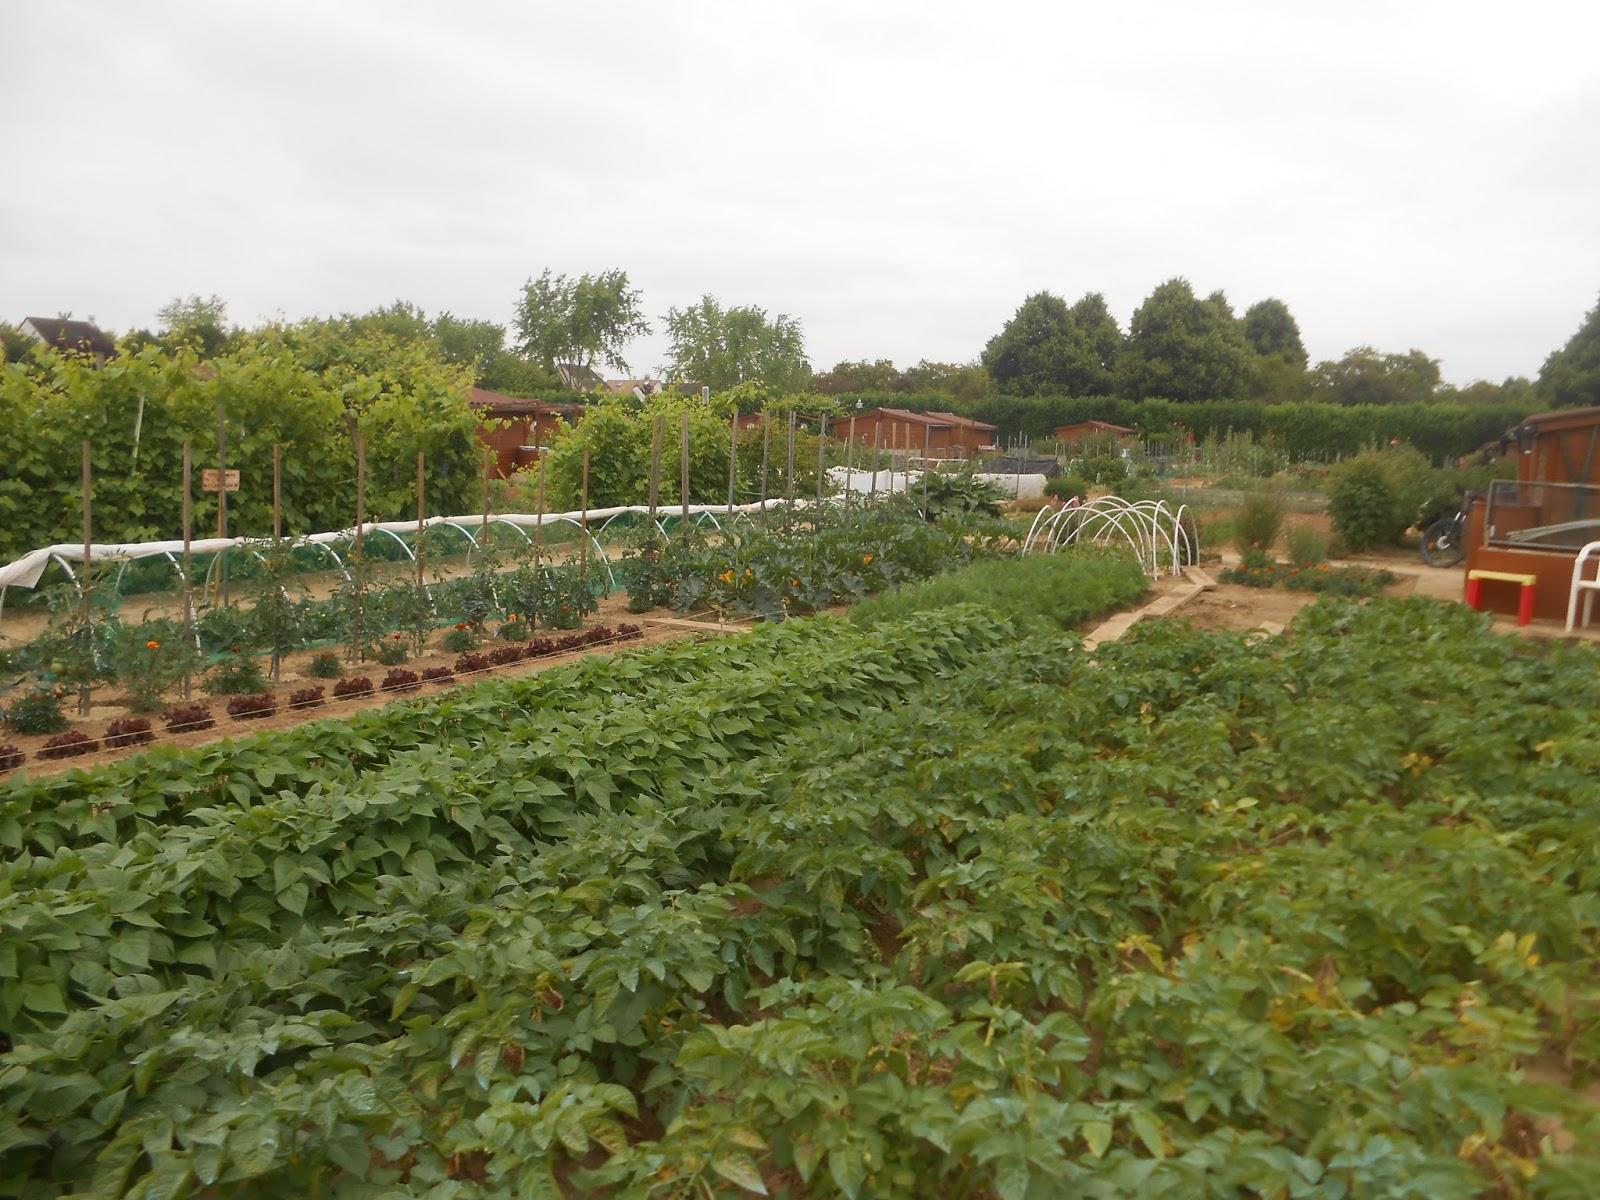 Jardins familiaux de savigny le temple seine et marne for Jardin familiaux